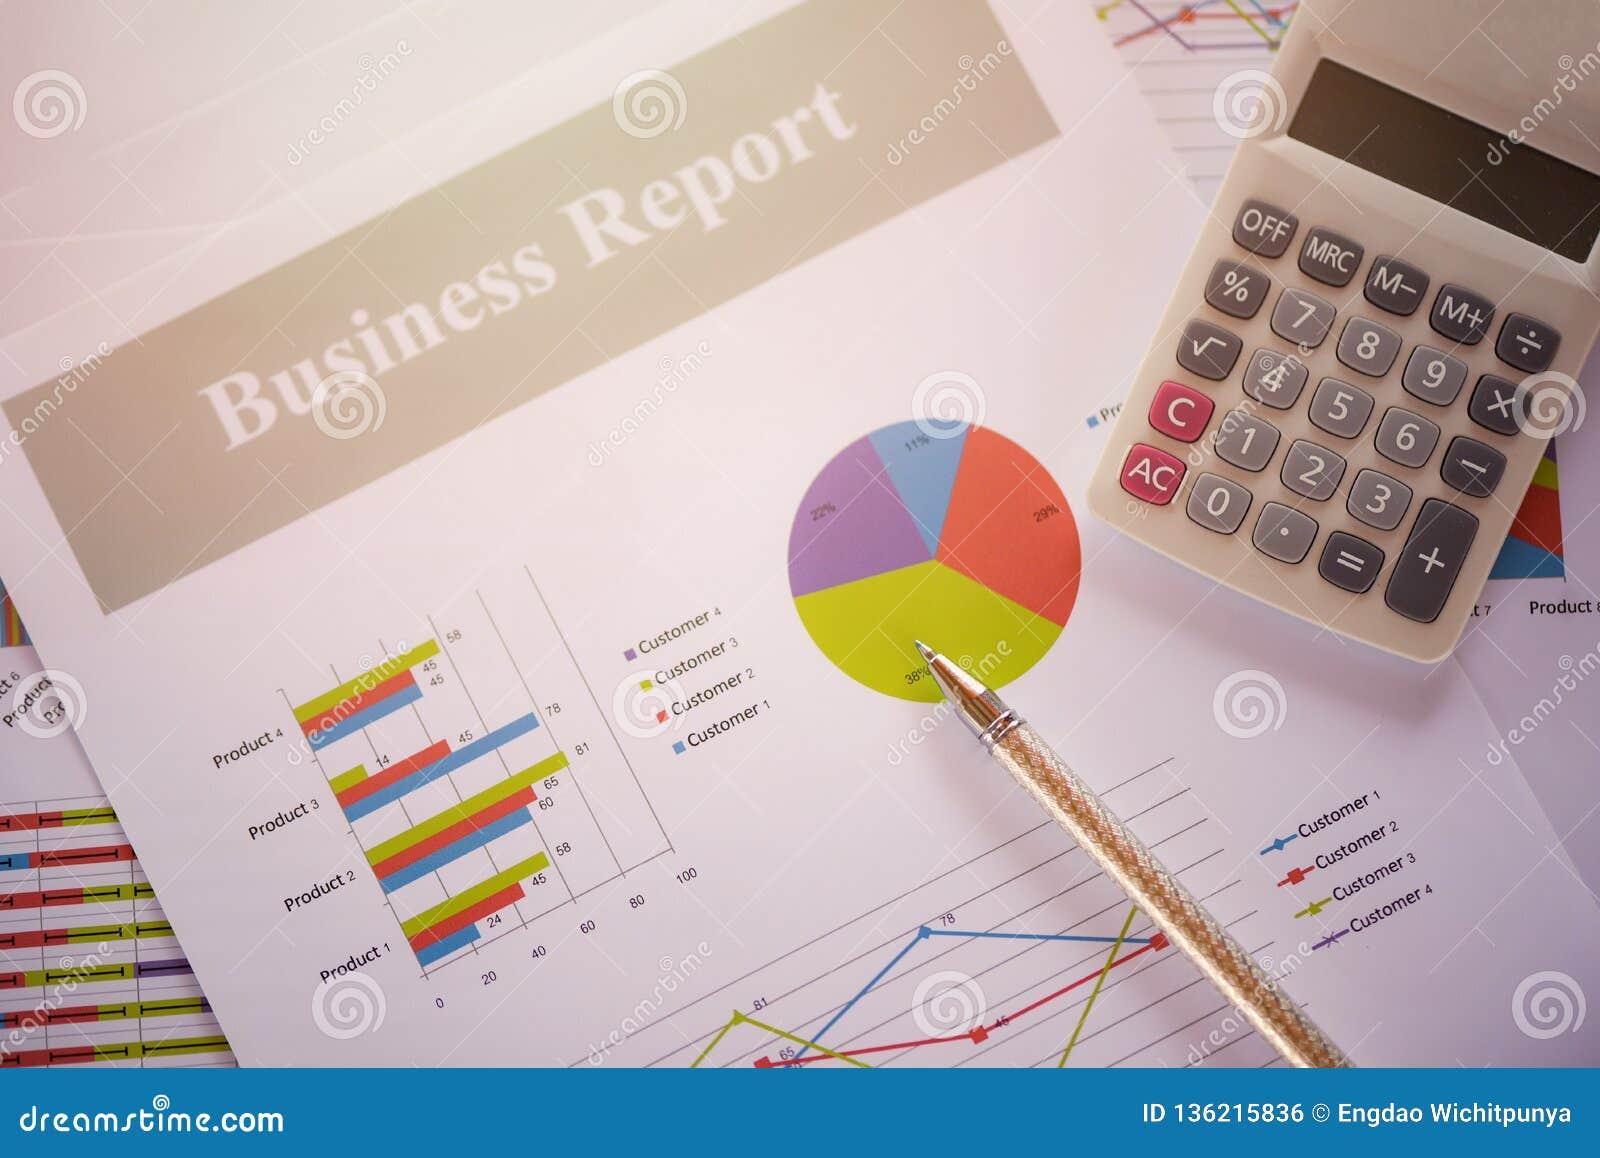 Carta del informe de negocios que prepara informe resumido del concepto de la calculadora de los gráficos en gráfico de sectores